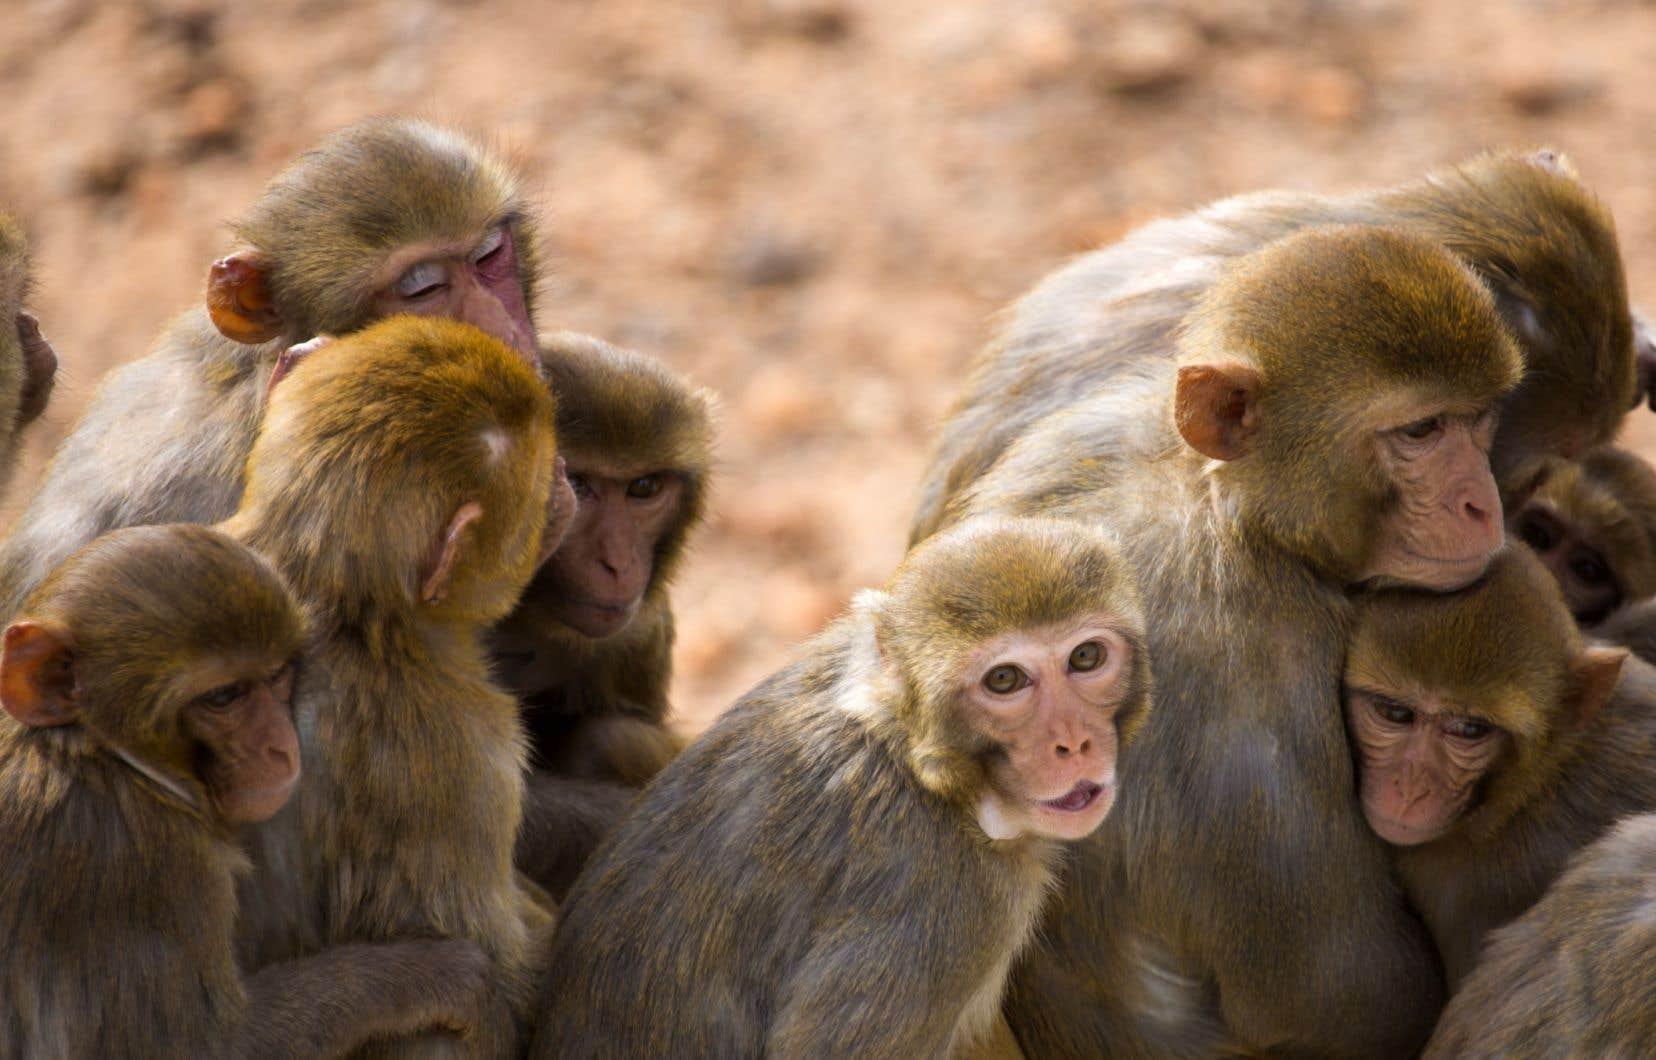 Des macaques rhésus  au Yerkes  National  Primate  Research Center rattaché à l'Université Emory dans la capitale  géorgienne,  aux  États-Unis